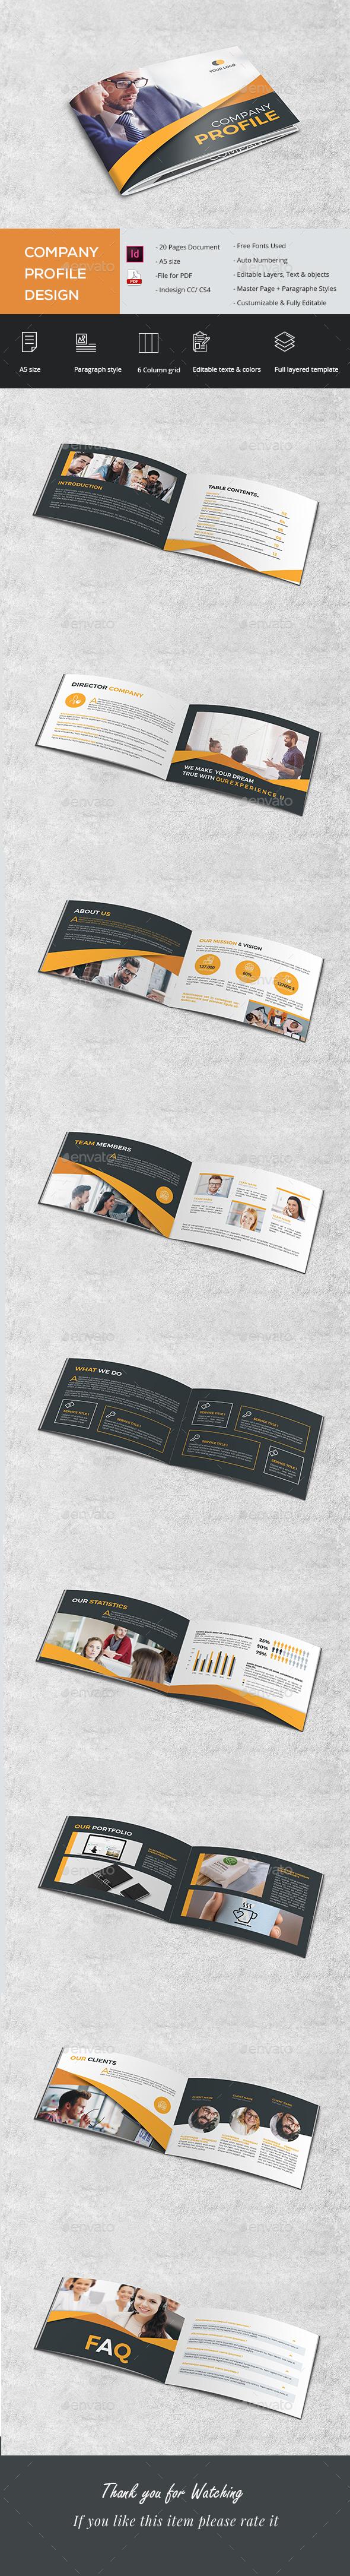 A5 Company Brochure - Brochures Print Templates